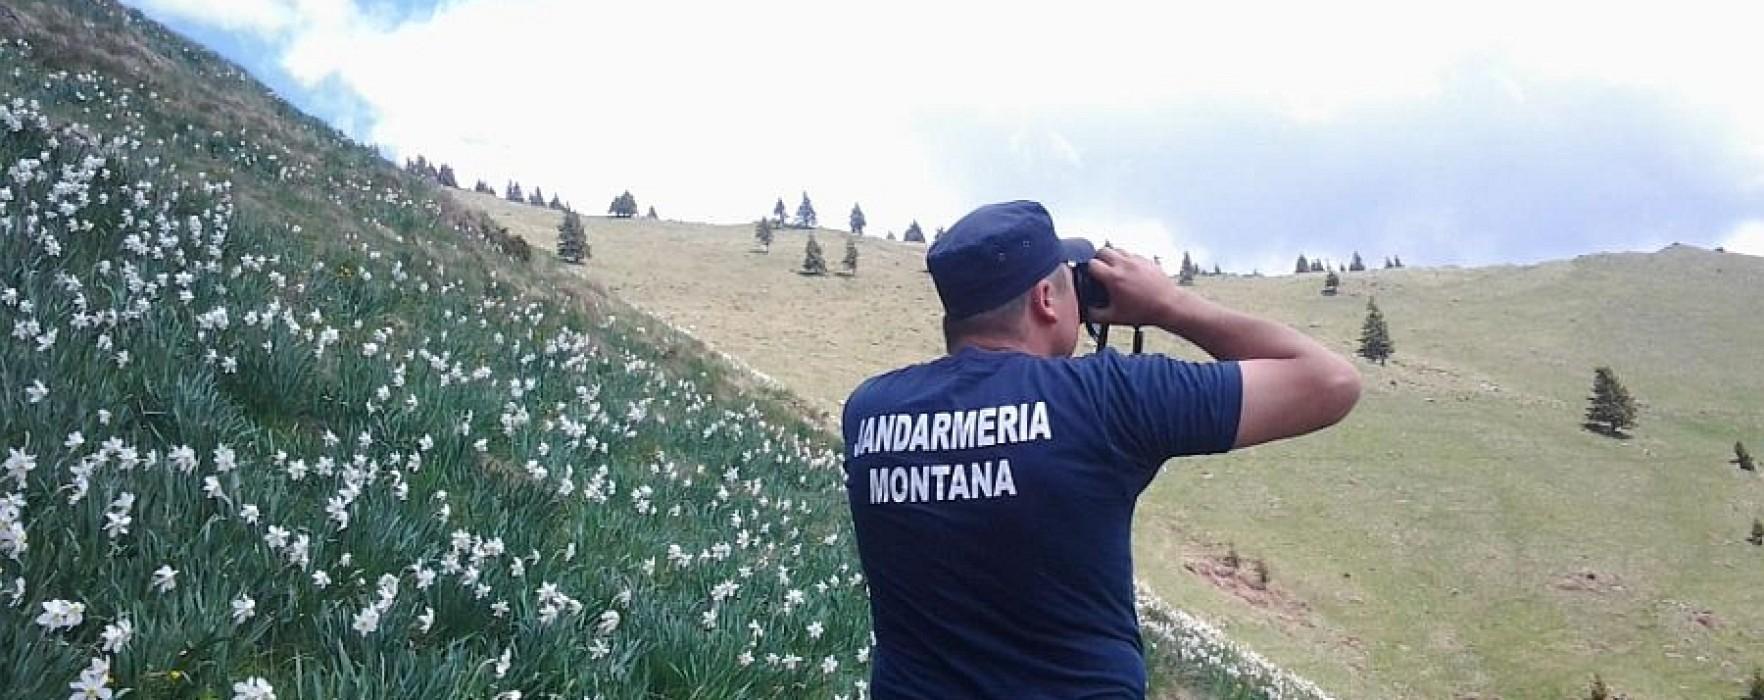 Dâmboviţa: Persoane care au mers în pădure la cules de ciuperci s-au rătăcit, jandarmii le-au căutat şi găsit